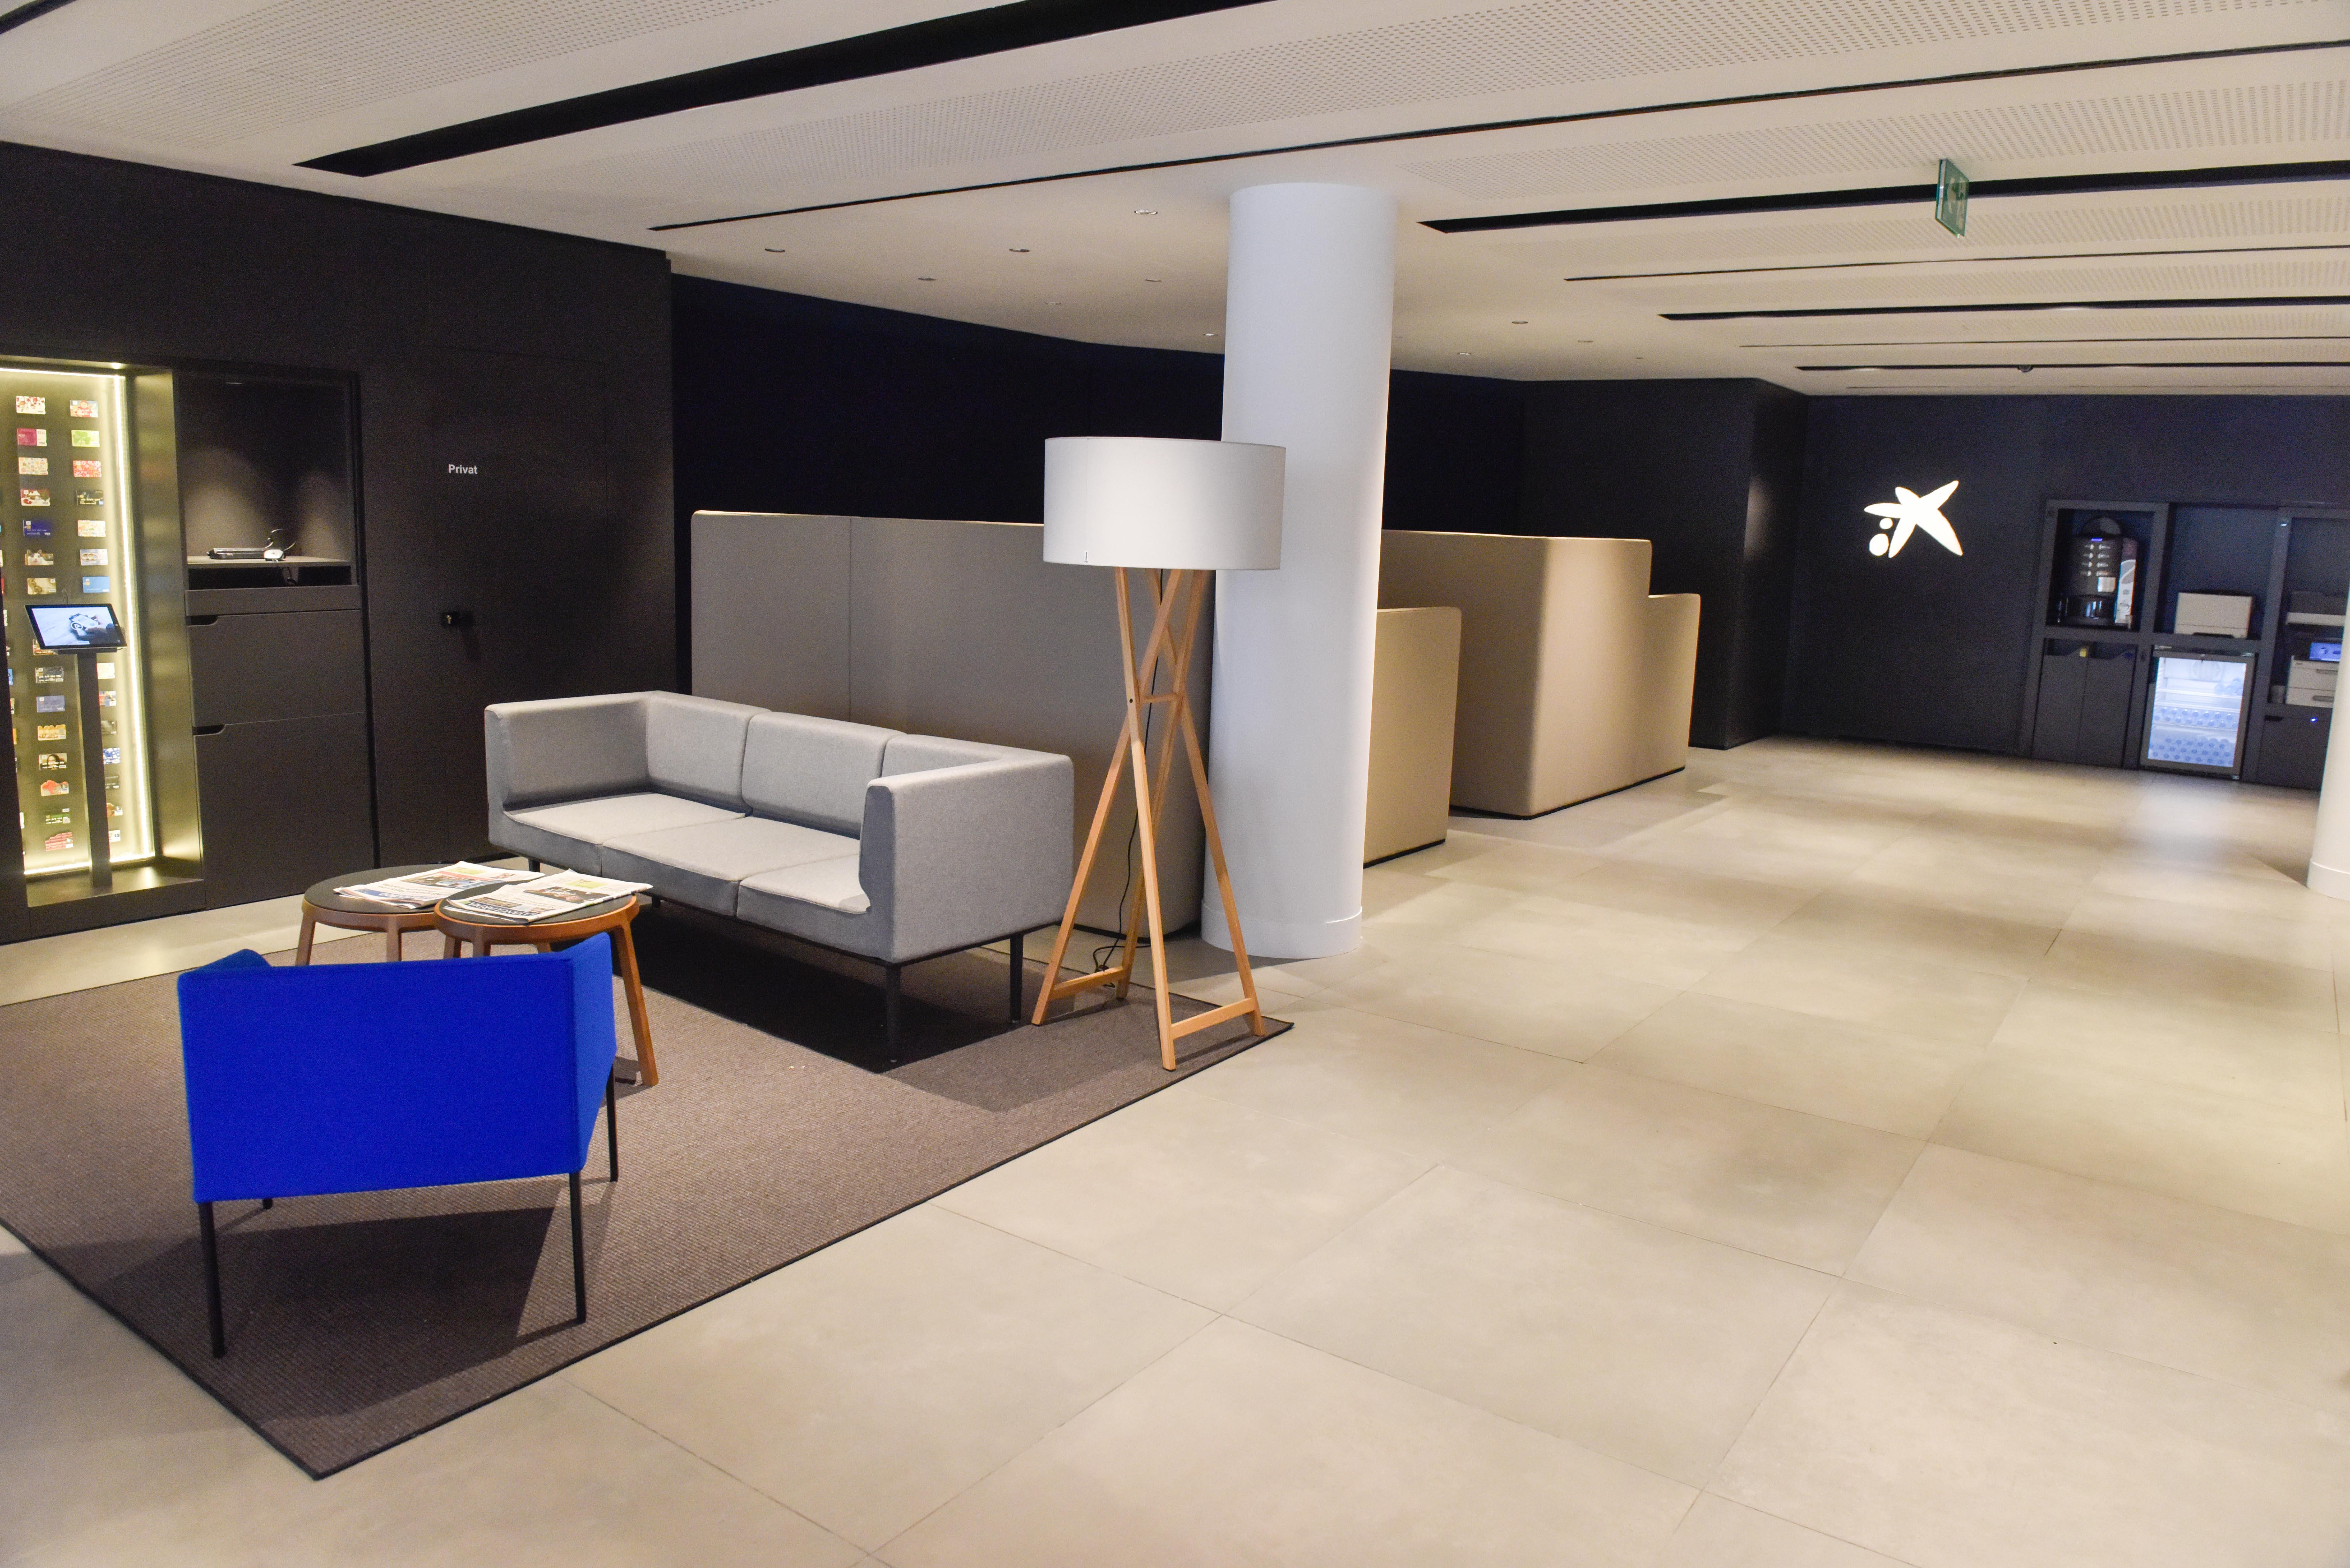 Caixabank abre en martorell una oficina de su nuevo modelo for Oficinas dela caixa en murcia